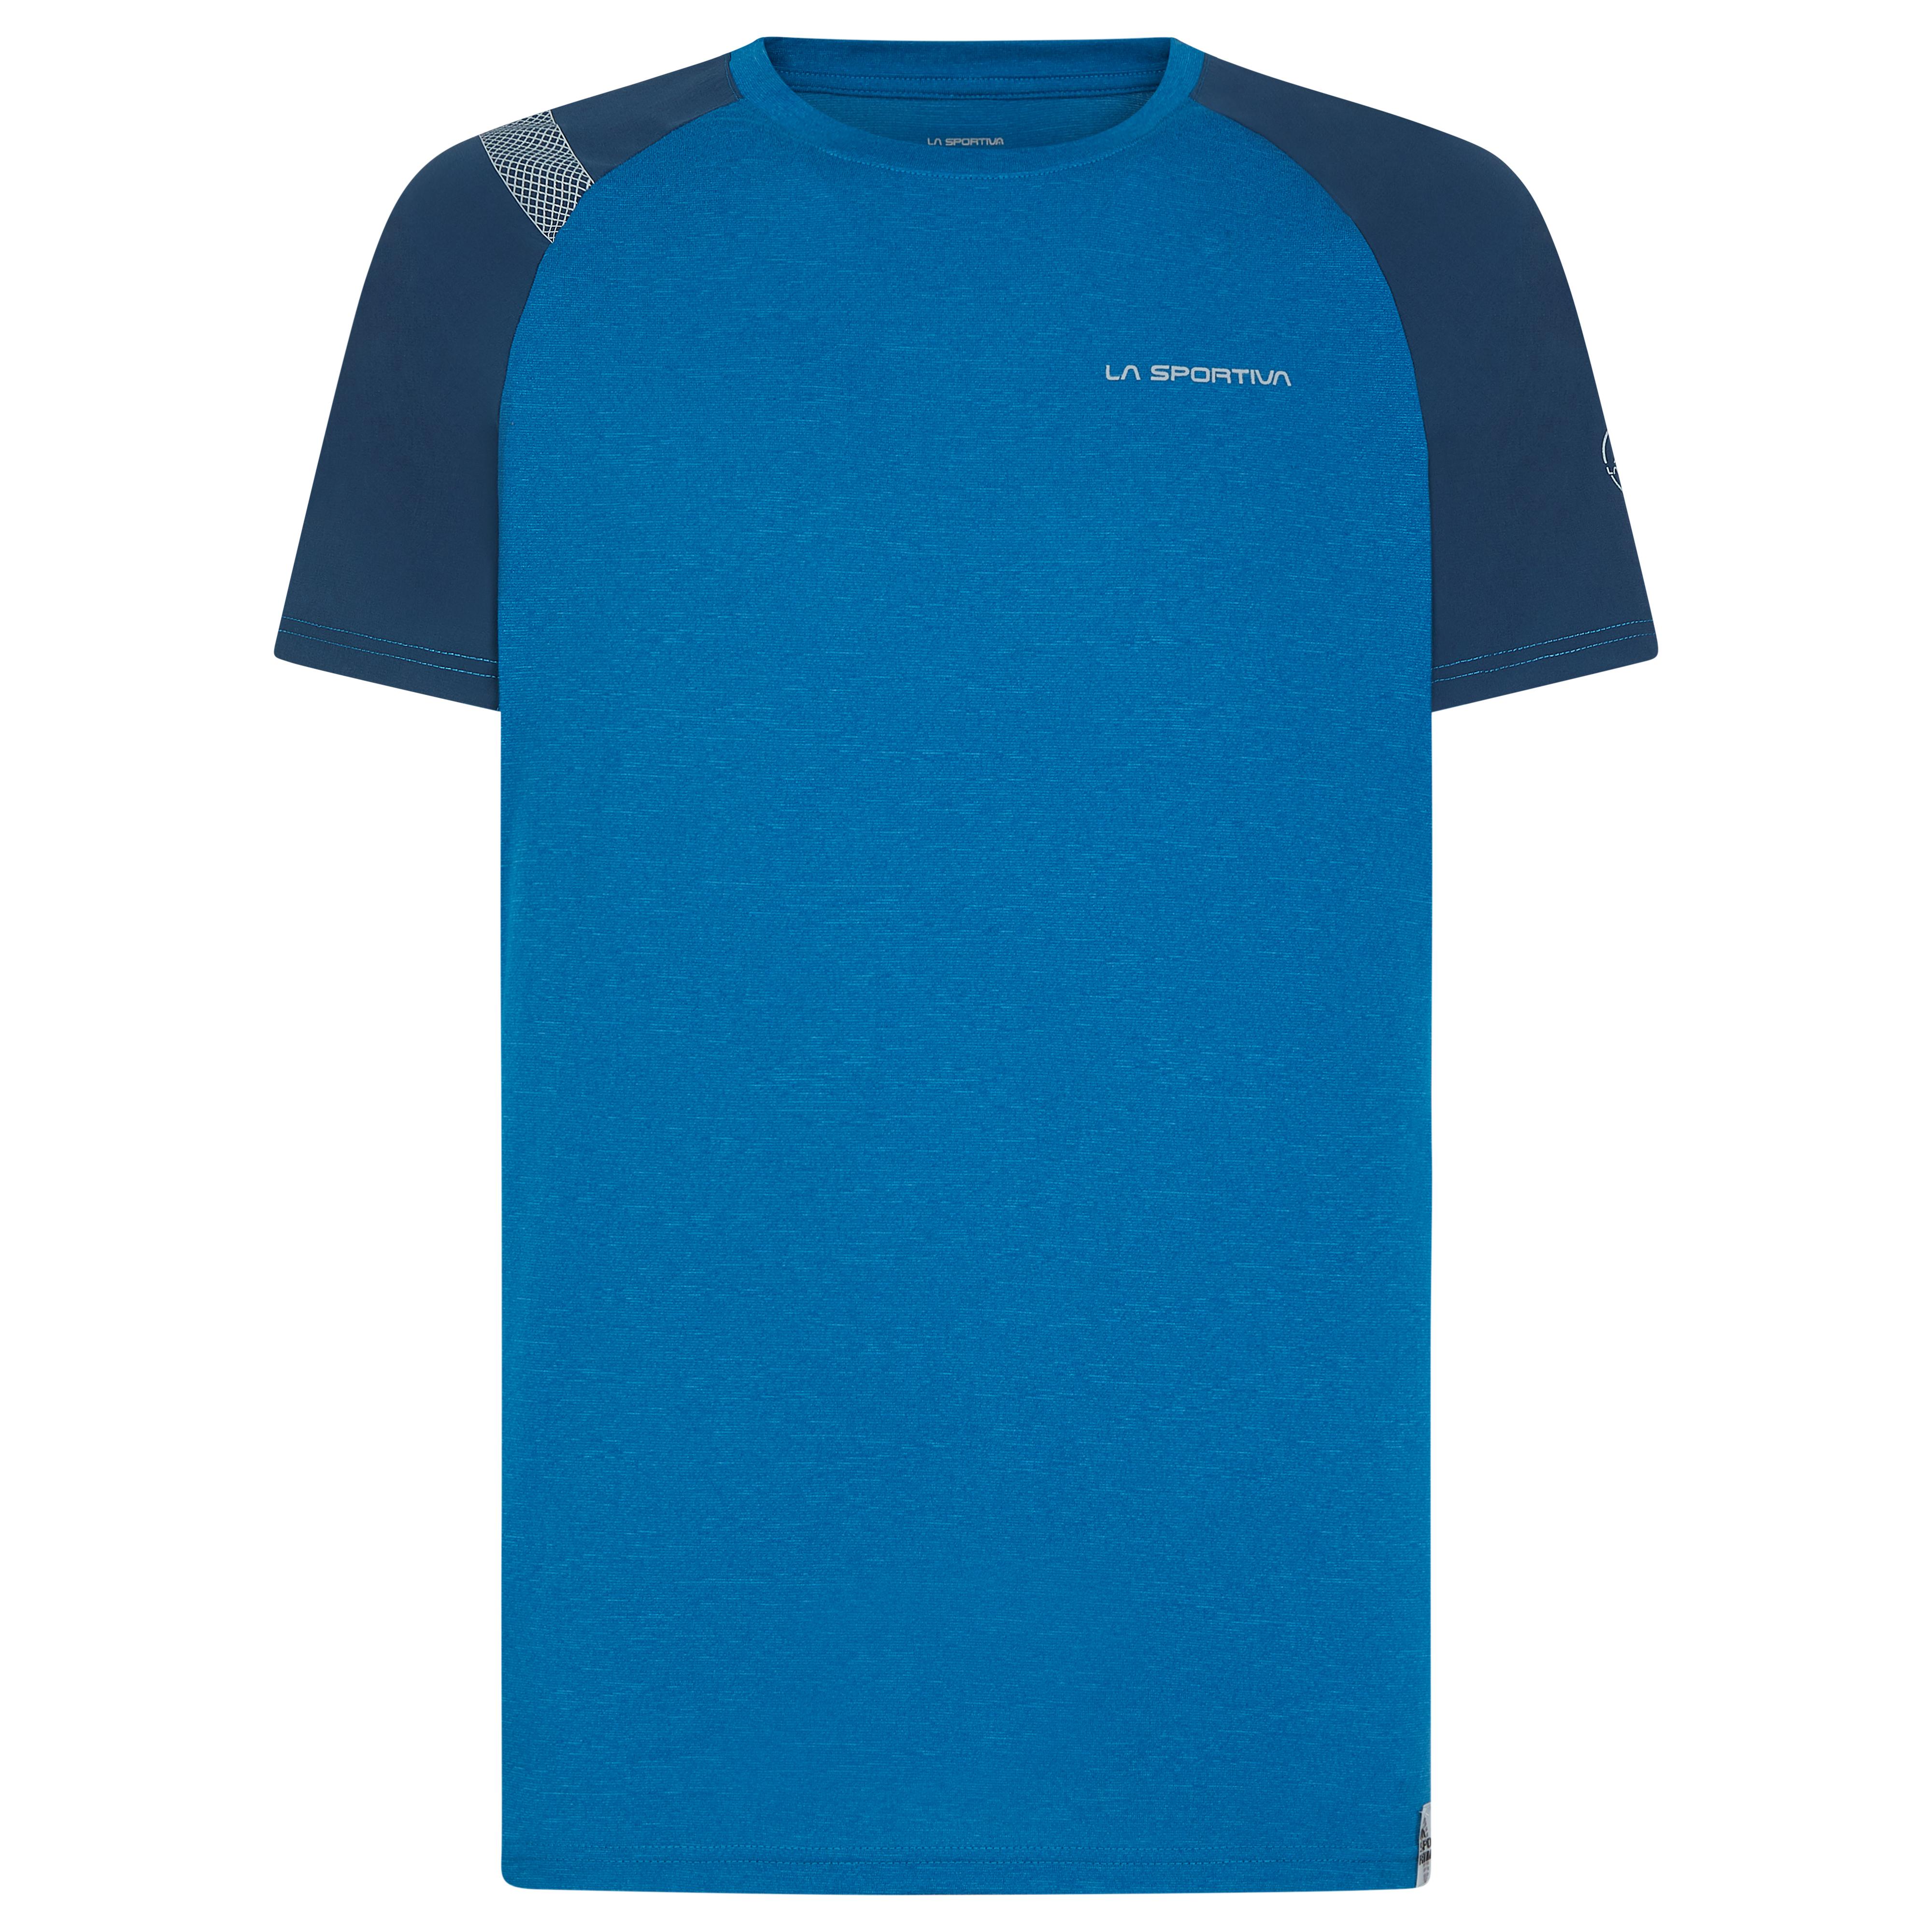 LasportivaStrideLogoshirt